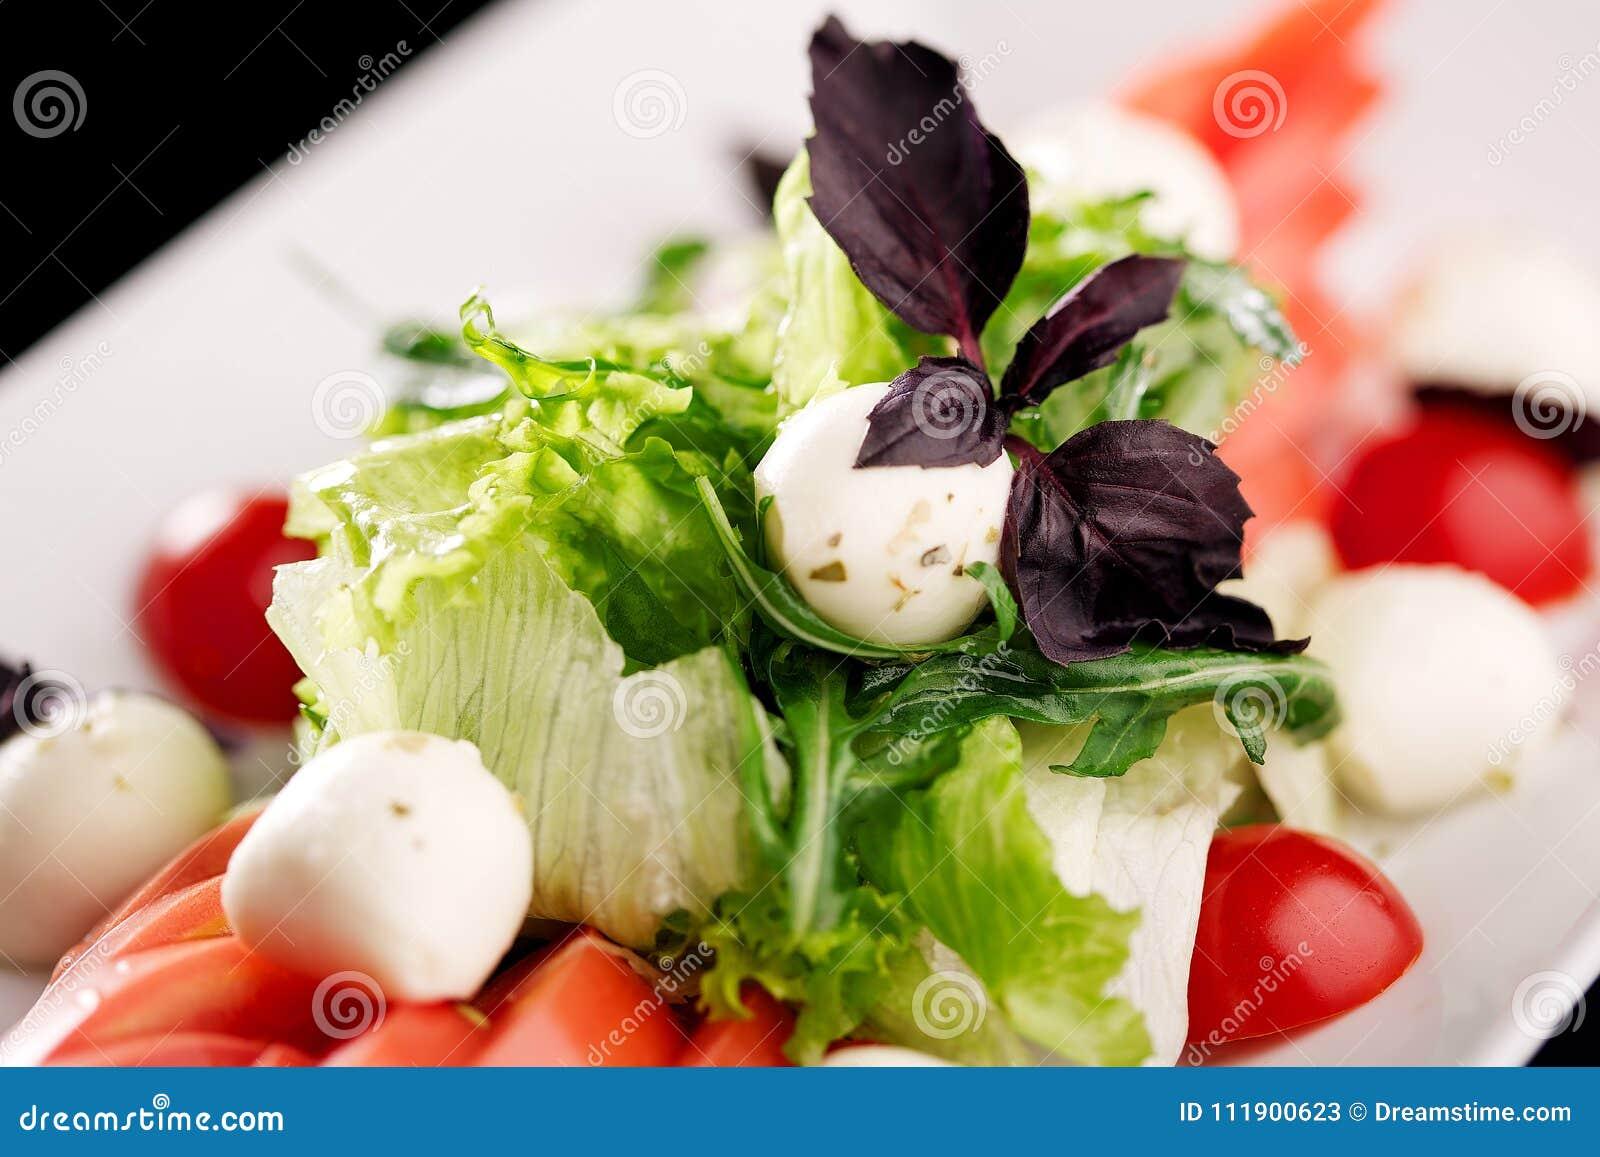 Besegra blandningen av sallad med tomater och mozzarellaen